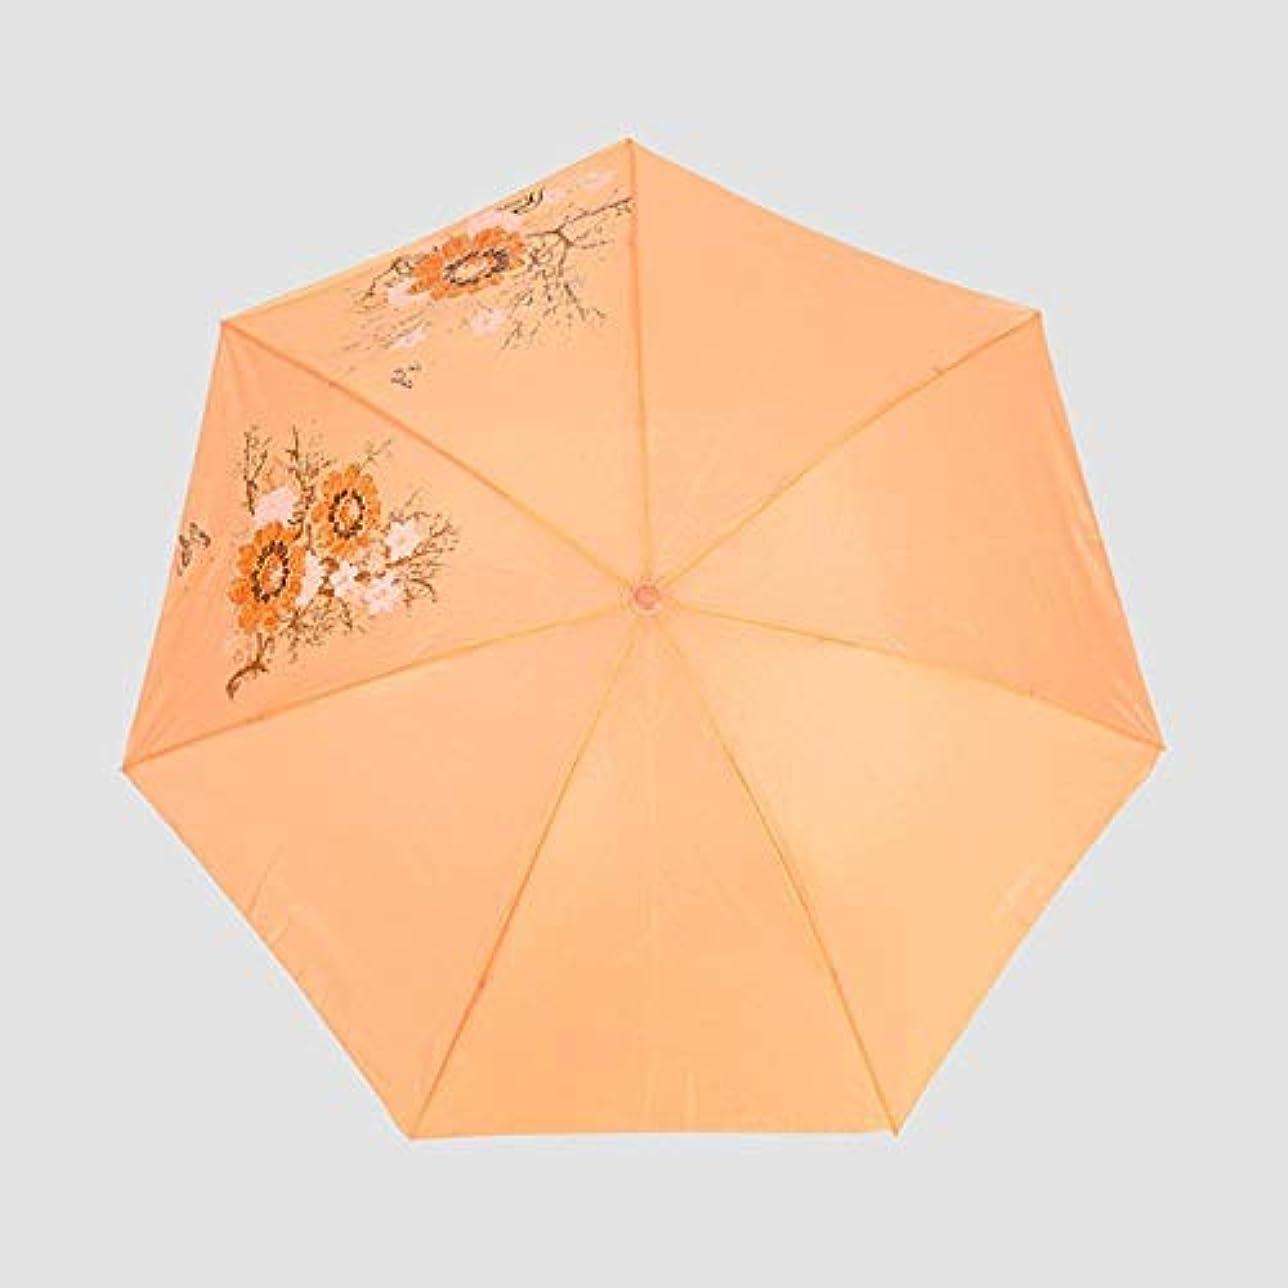 火山学軽量認知Chuangshengnet 傘ステンレス傘立て折りたたみ傘傘無地傘65x114cm (Color : オレンジ)